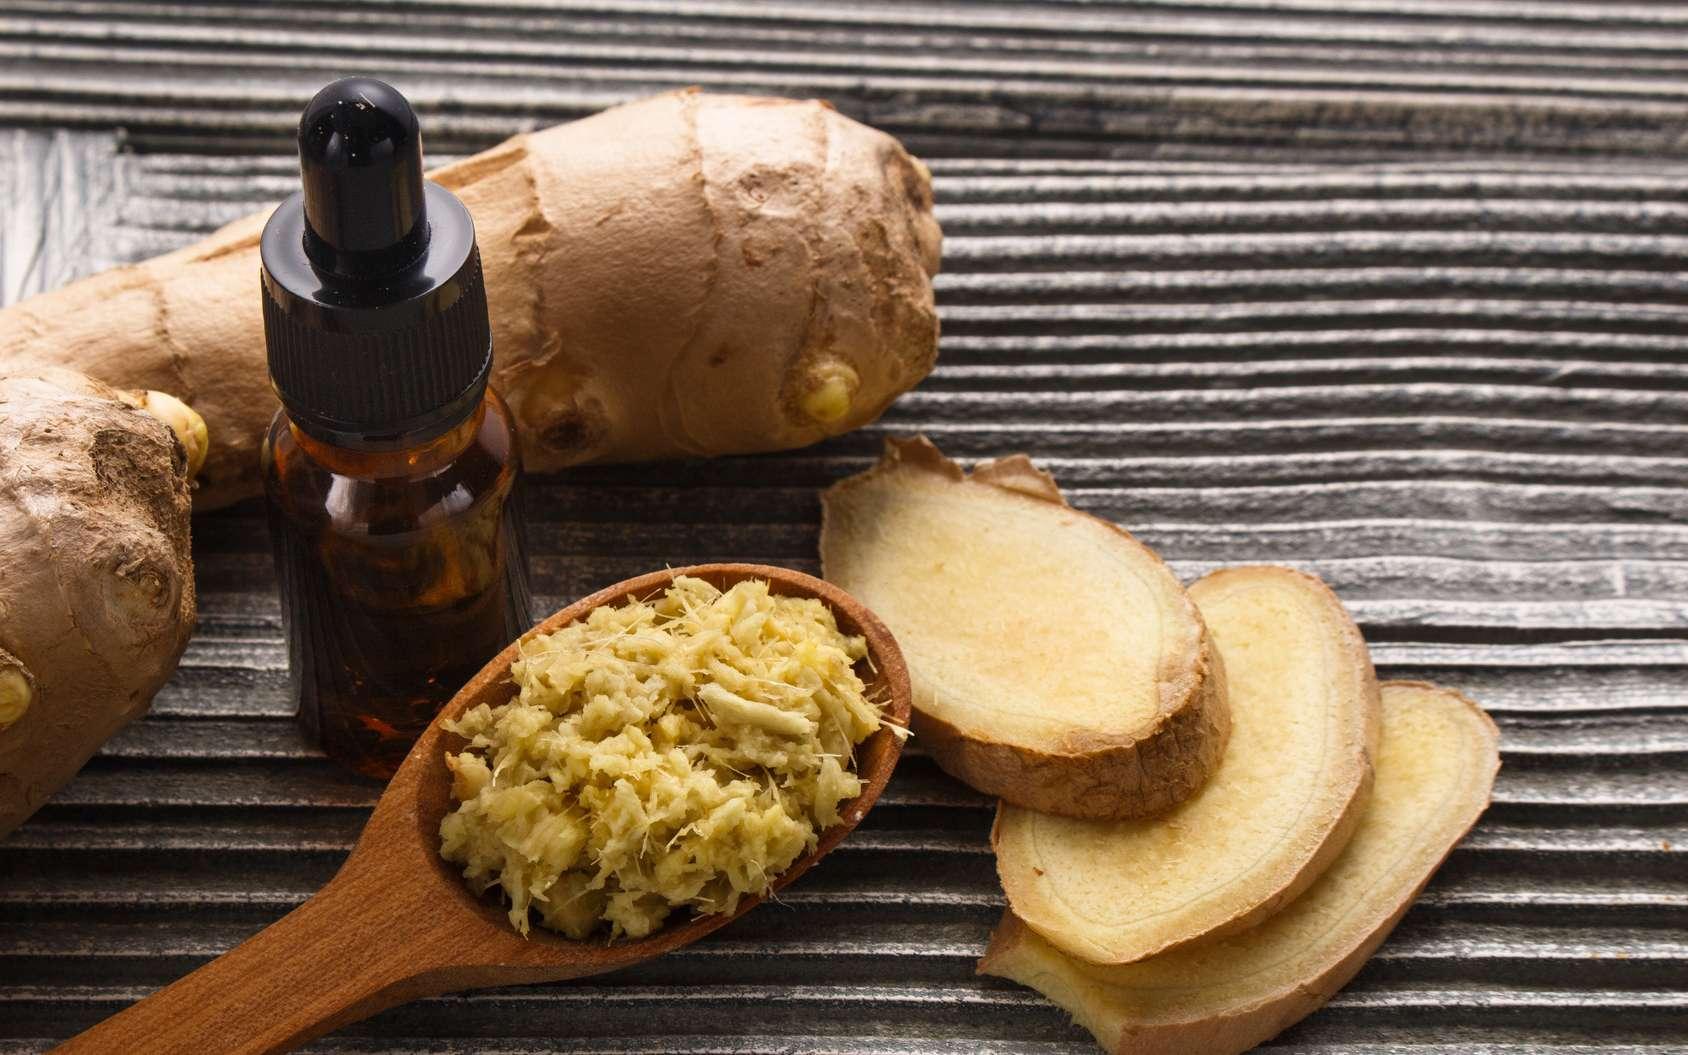 Vertu De La Lavande huile essentielle de gingembre : quelles sont ses vertus ?